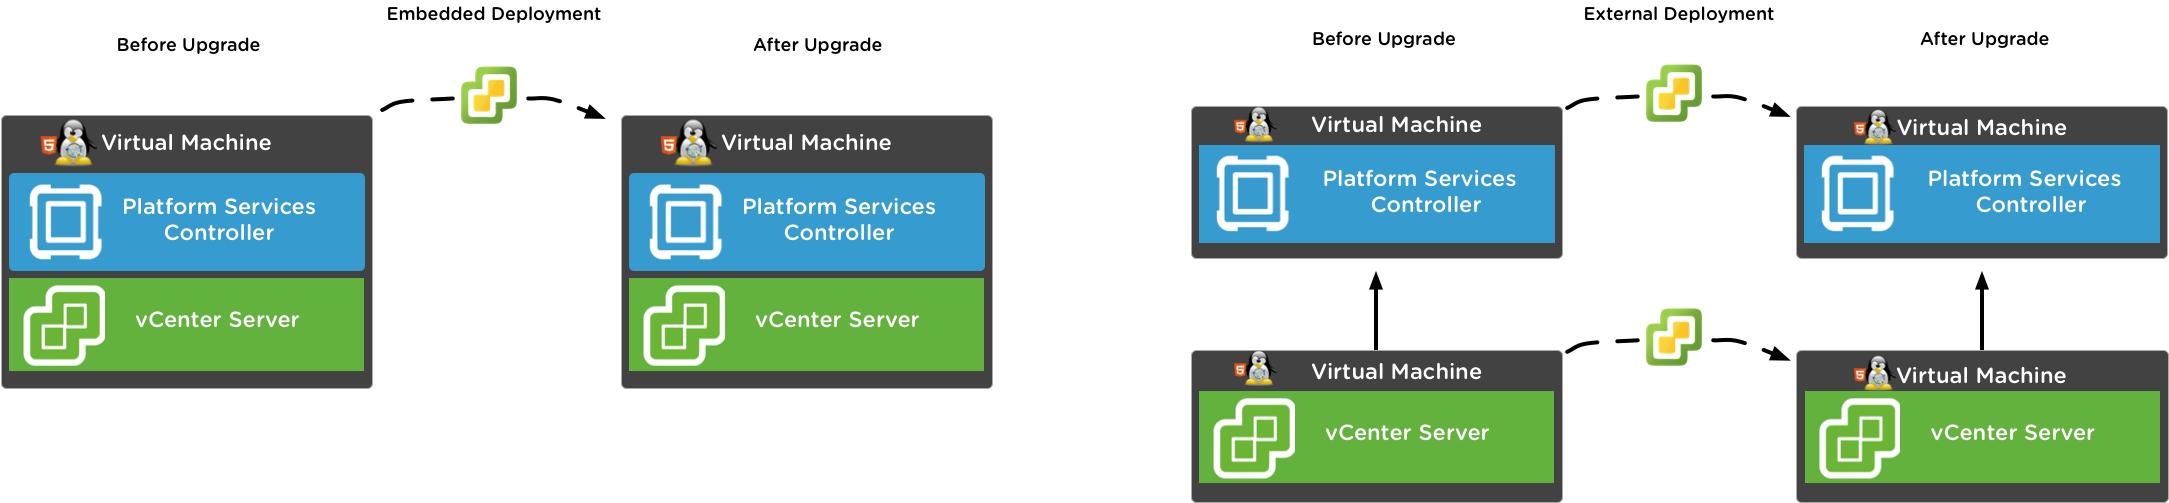 Upgrading Platform Services Controller and vCenter Server